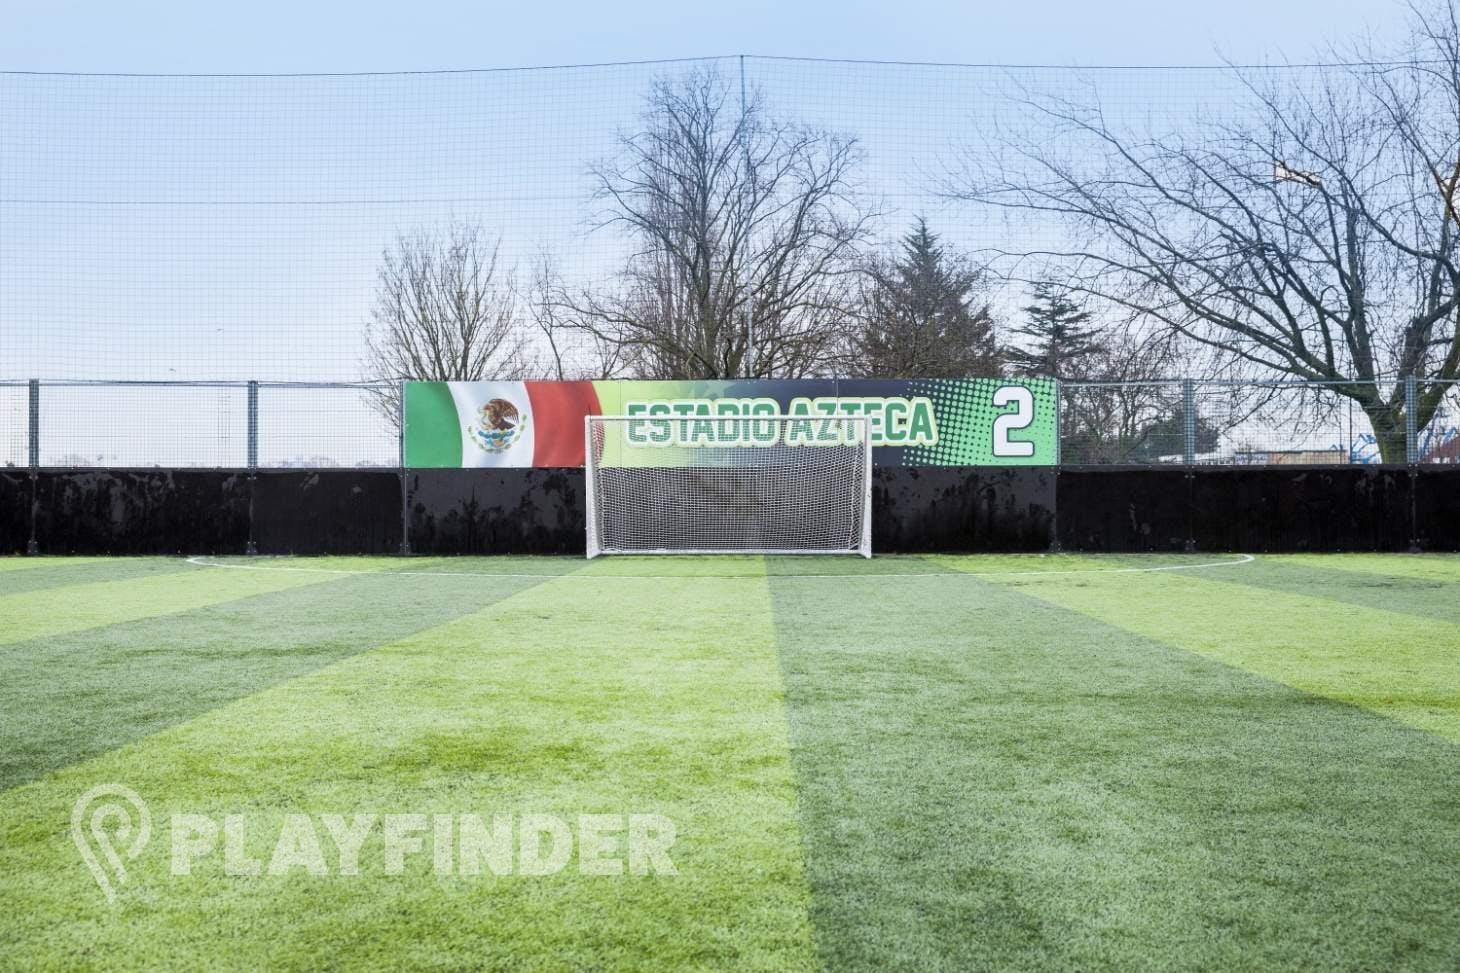 Goals Leeds 8 a side | 3G Astroturf football pitch